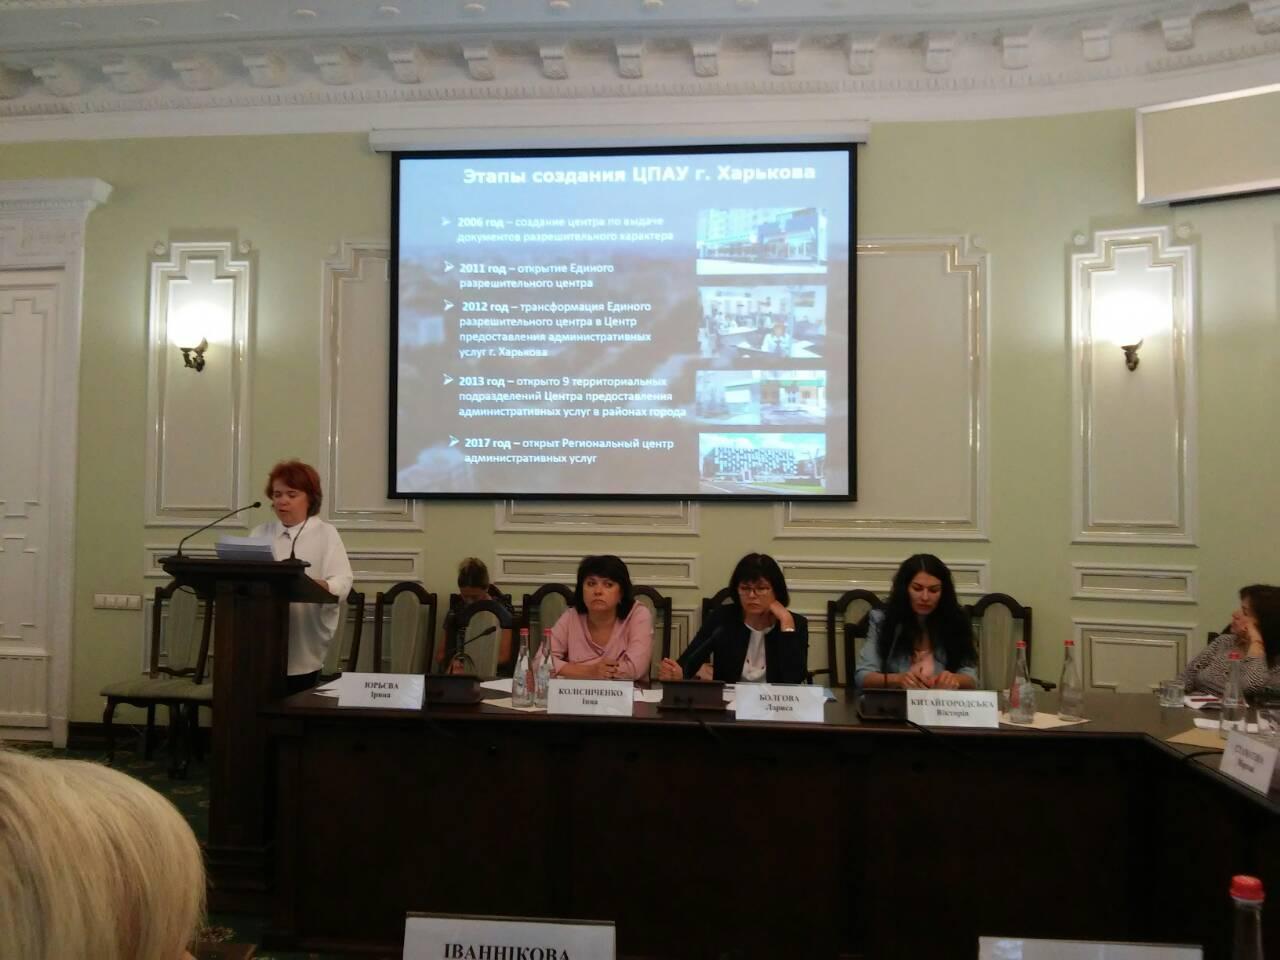 Представники різних міст України переймають досвід Харкова в сфері надання соціальних та адміністративних послуг